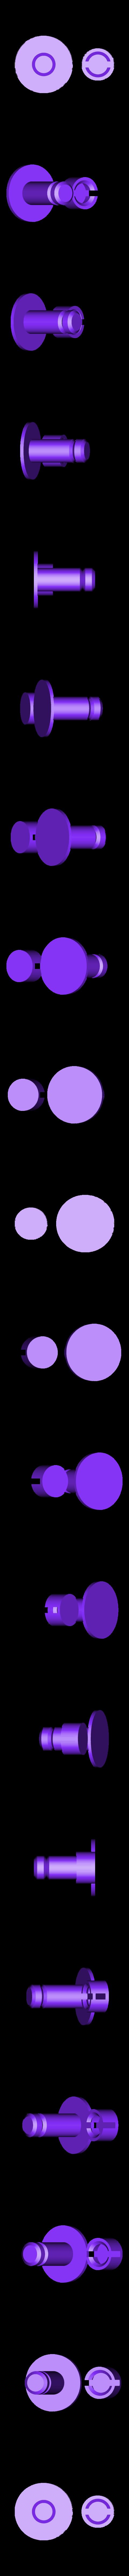 Anycubic_I3_Mega_Filamentrollenhalter-UmlenkrollenAchse.stl Download free STL file Anycubic I3 Mega Spool Holder • 3D print object, dede67